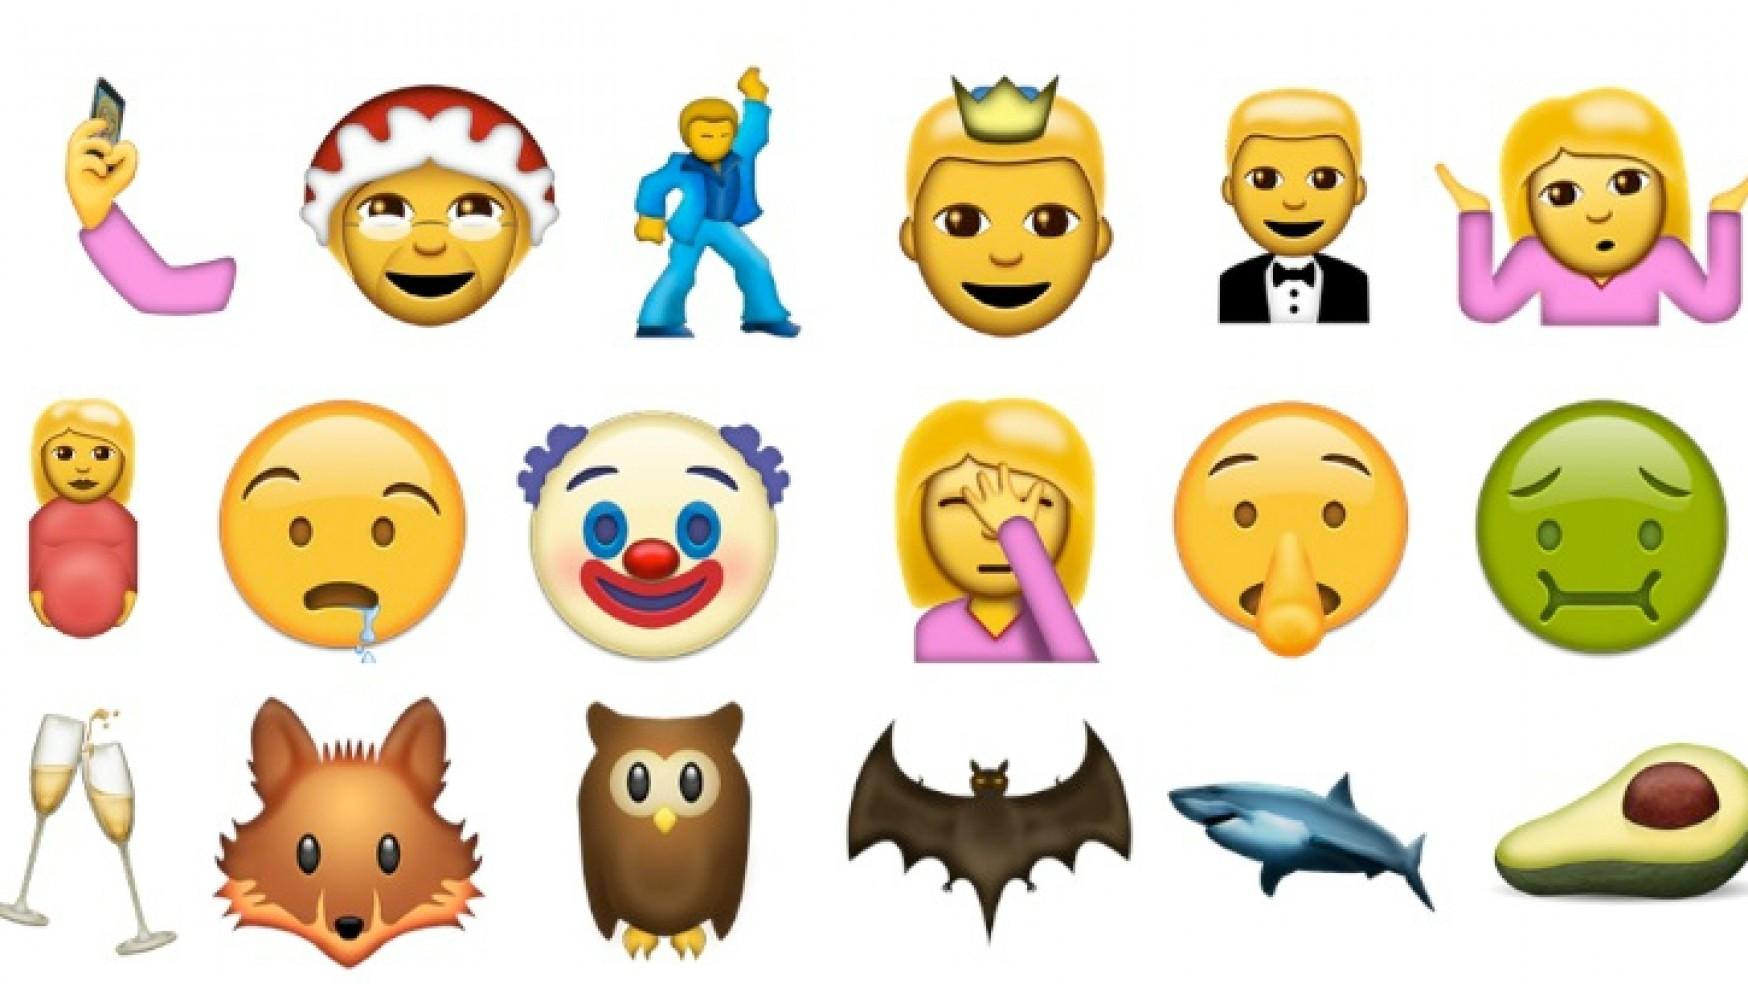 articulos/Los-38-nuevos-Emojis-que-podremos-usar-en-WhatsApp-1748x984.jpg